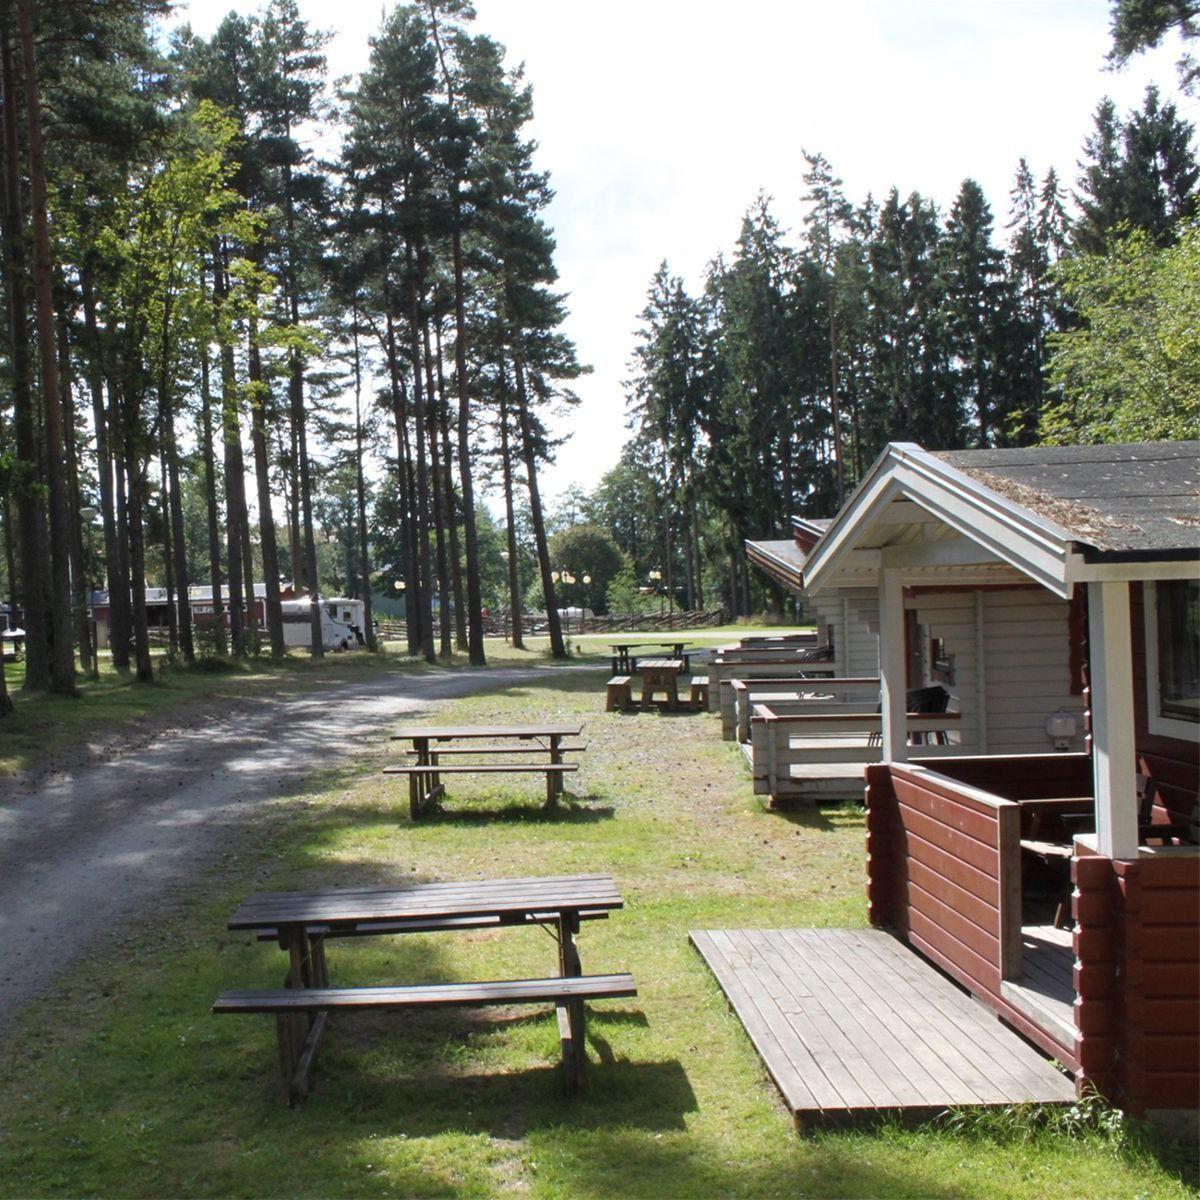 Foto: Värnamo Näringsliv AB,  © Värnamo Näringsliv AB, Värnamo Camping Prostsjön